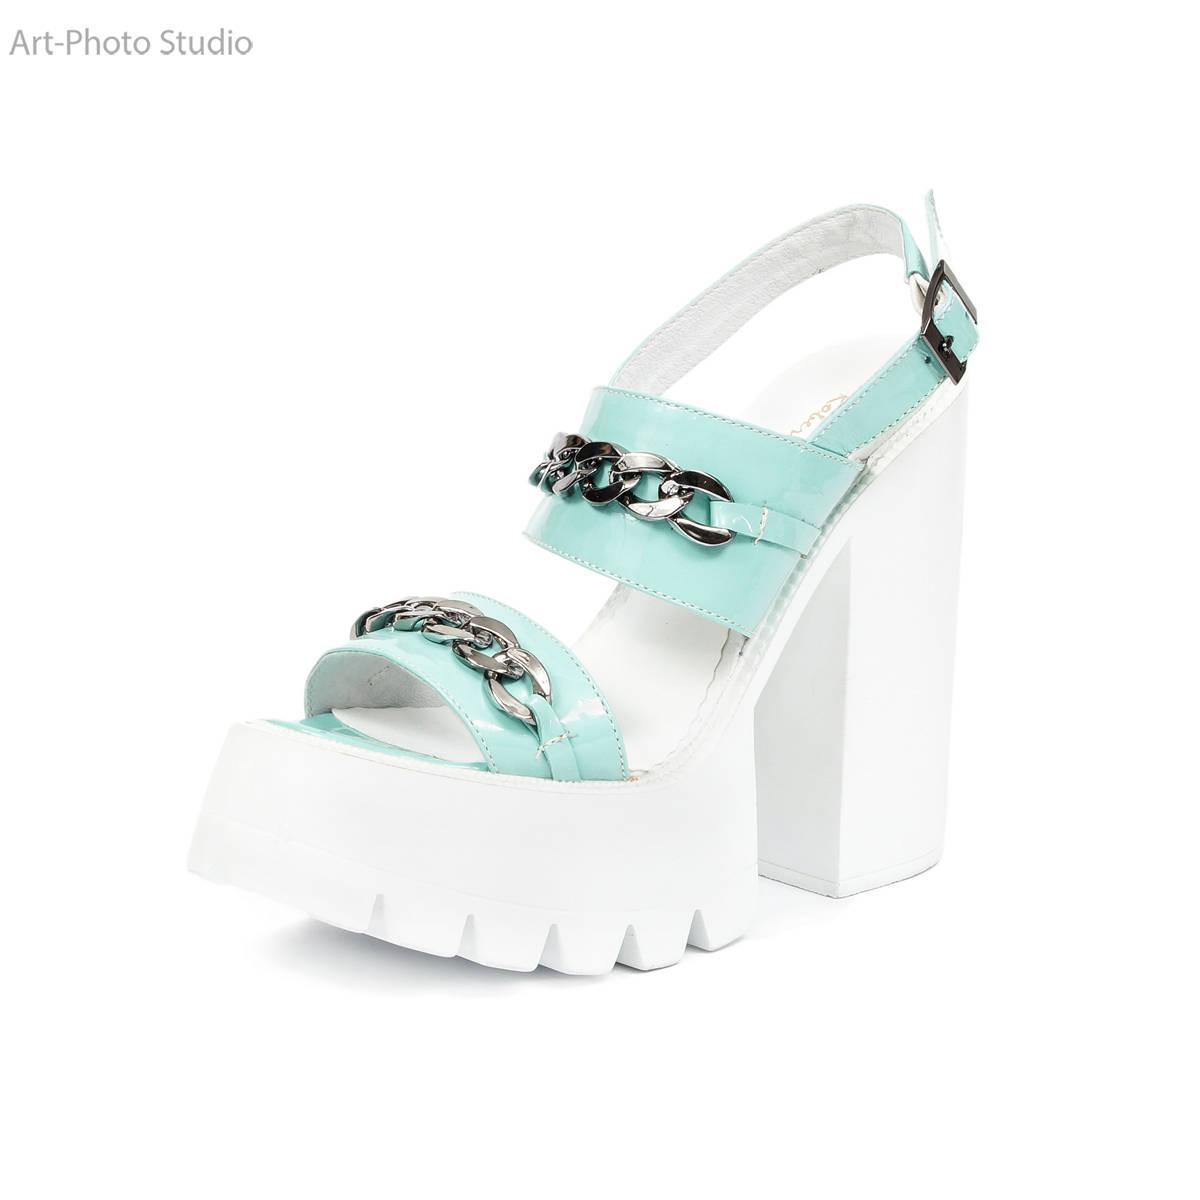 предметная фотография женской обуви белого цвета